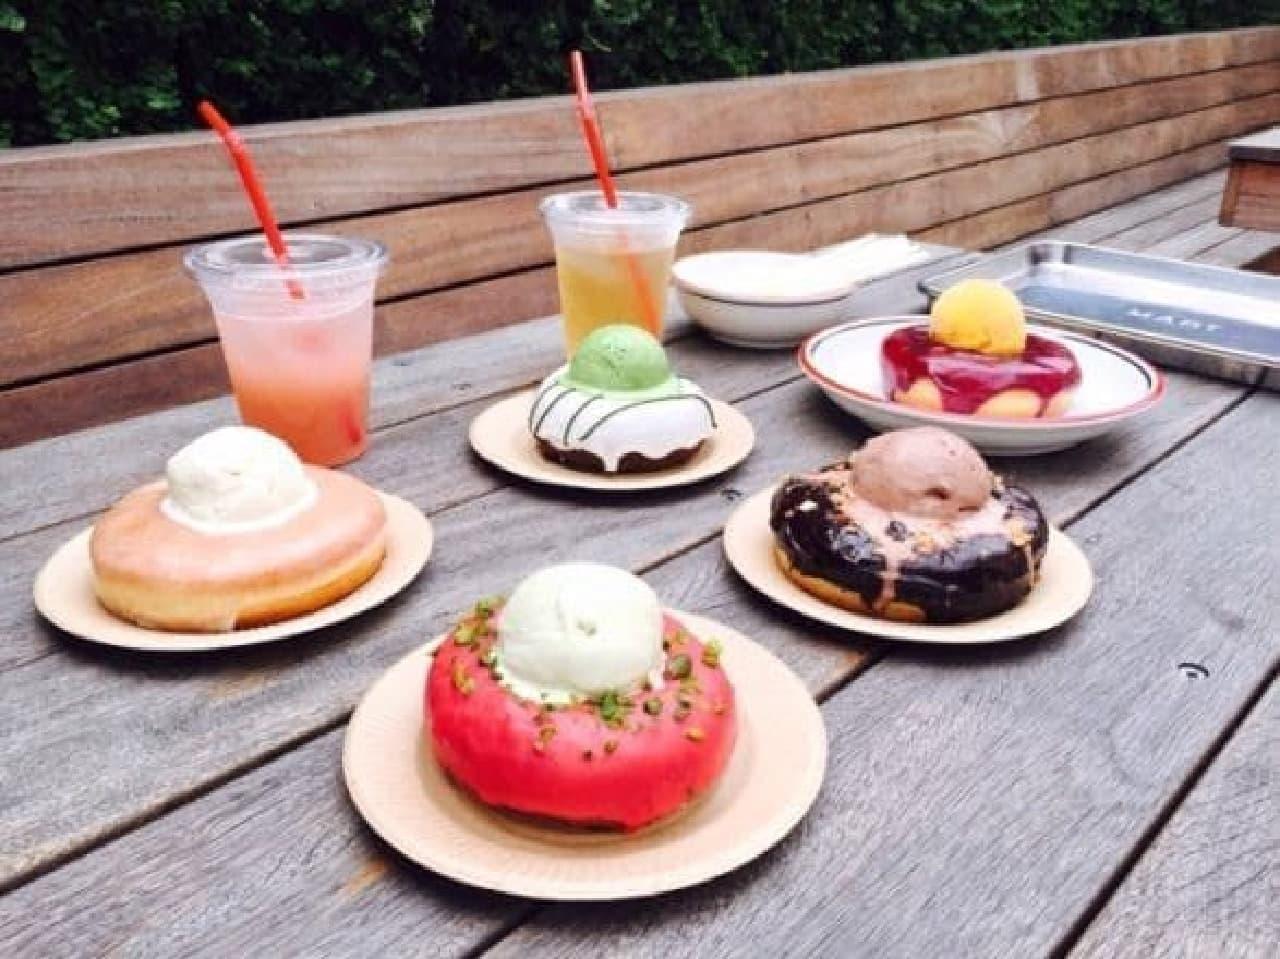 カムデンズブルースタードーナツとハンデルスベーゲンがコラボした、オリジナルのアイスクリームドーナツ